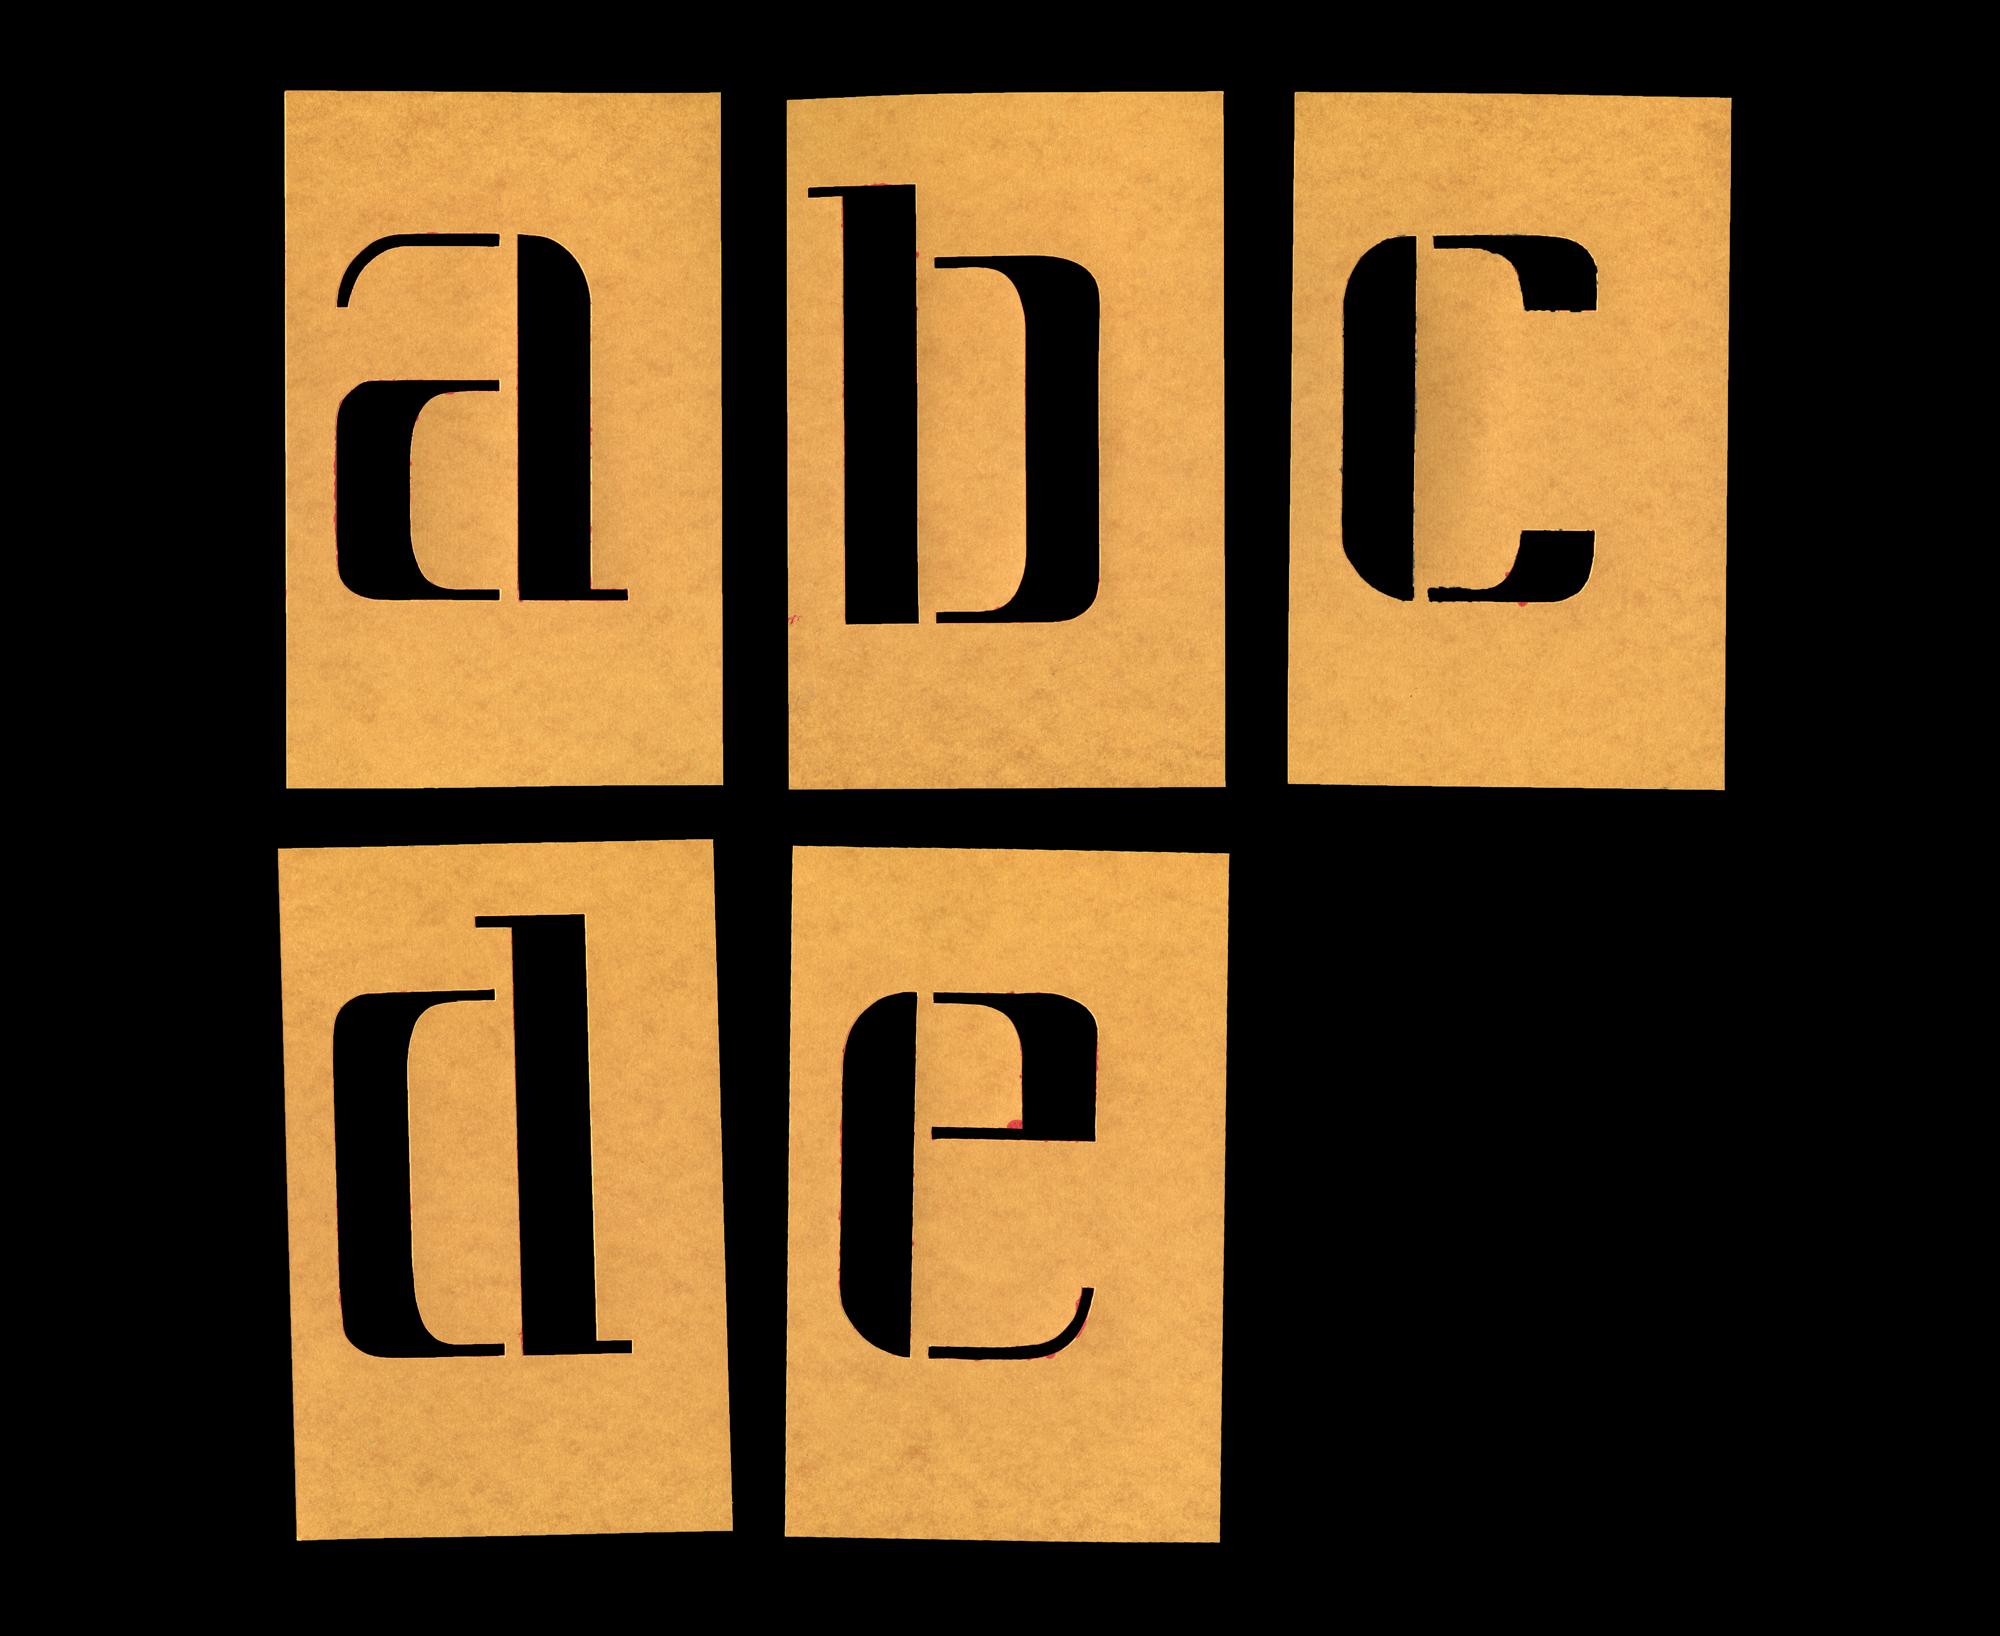 etter_node_01.jpg